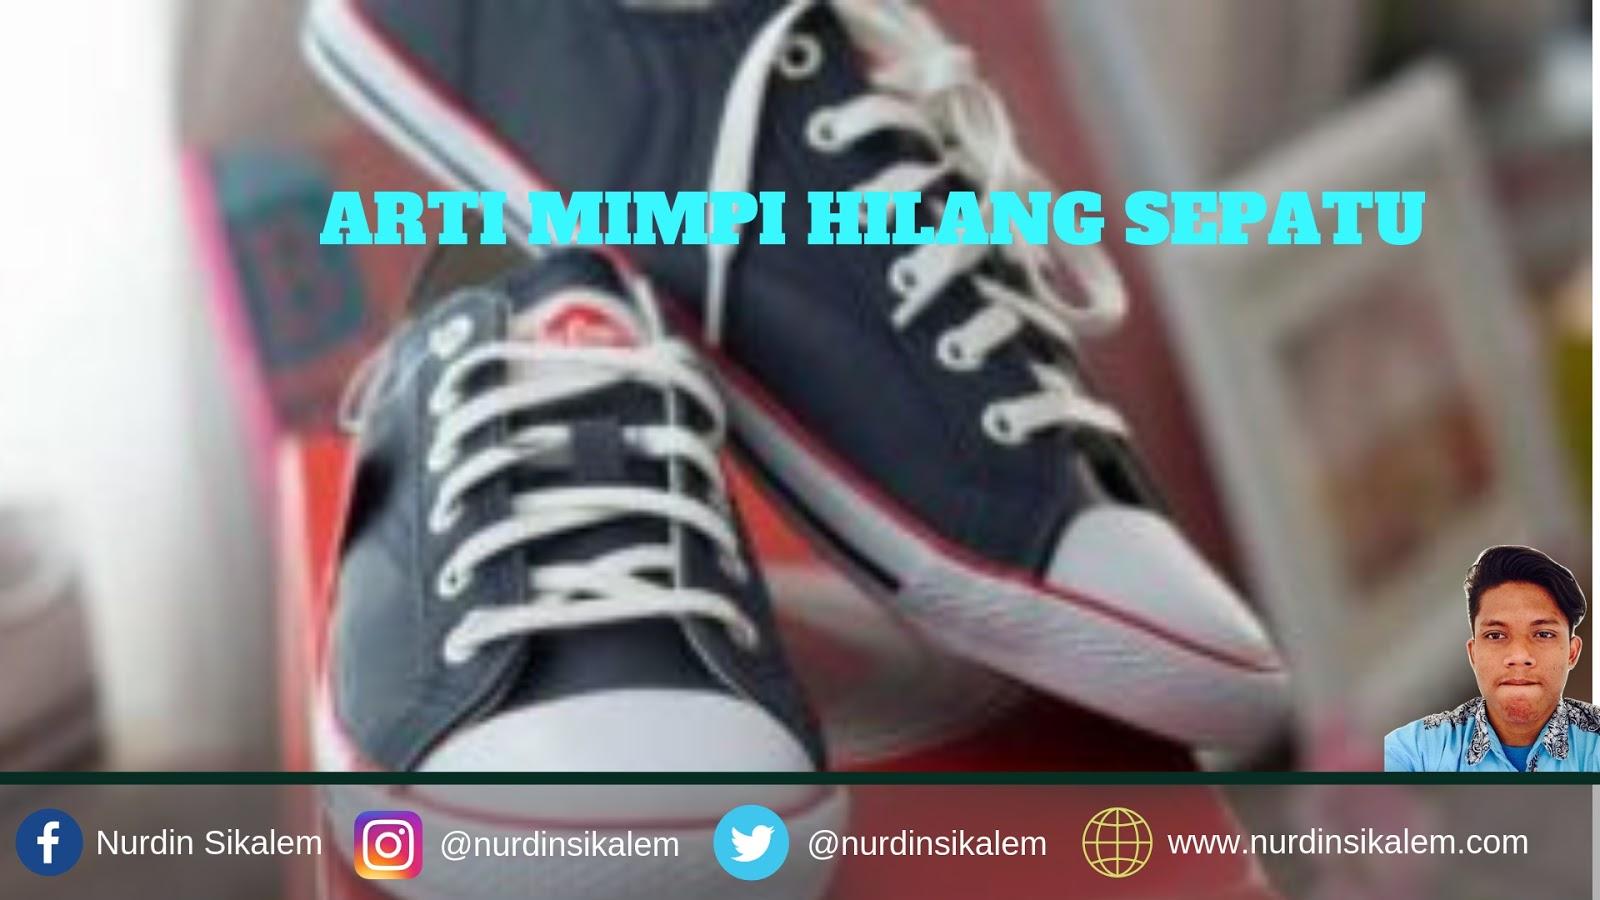 Hilang sepatu